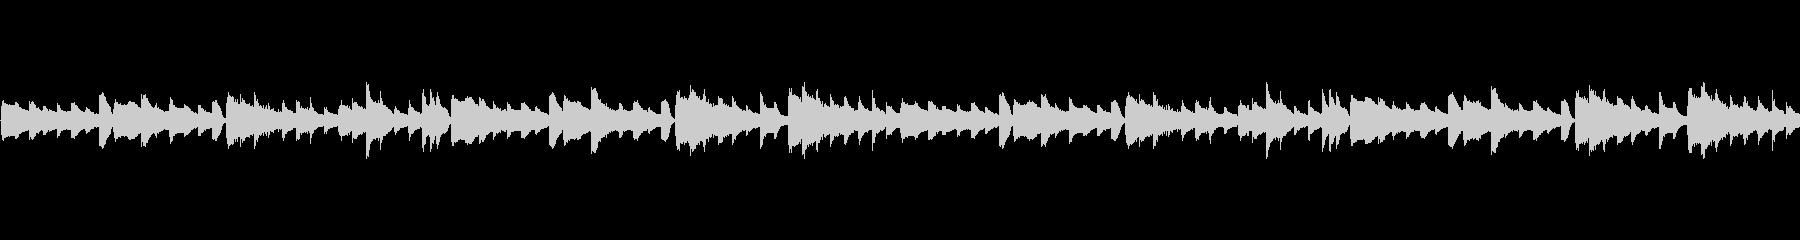 ピアノループ/ダーク/ビートサンプル#3の未再生の波形